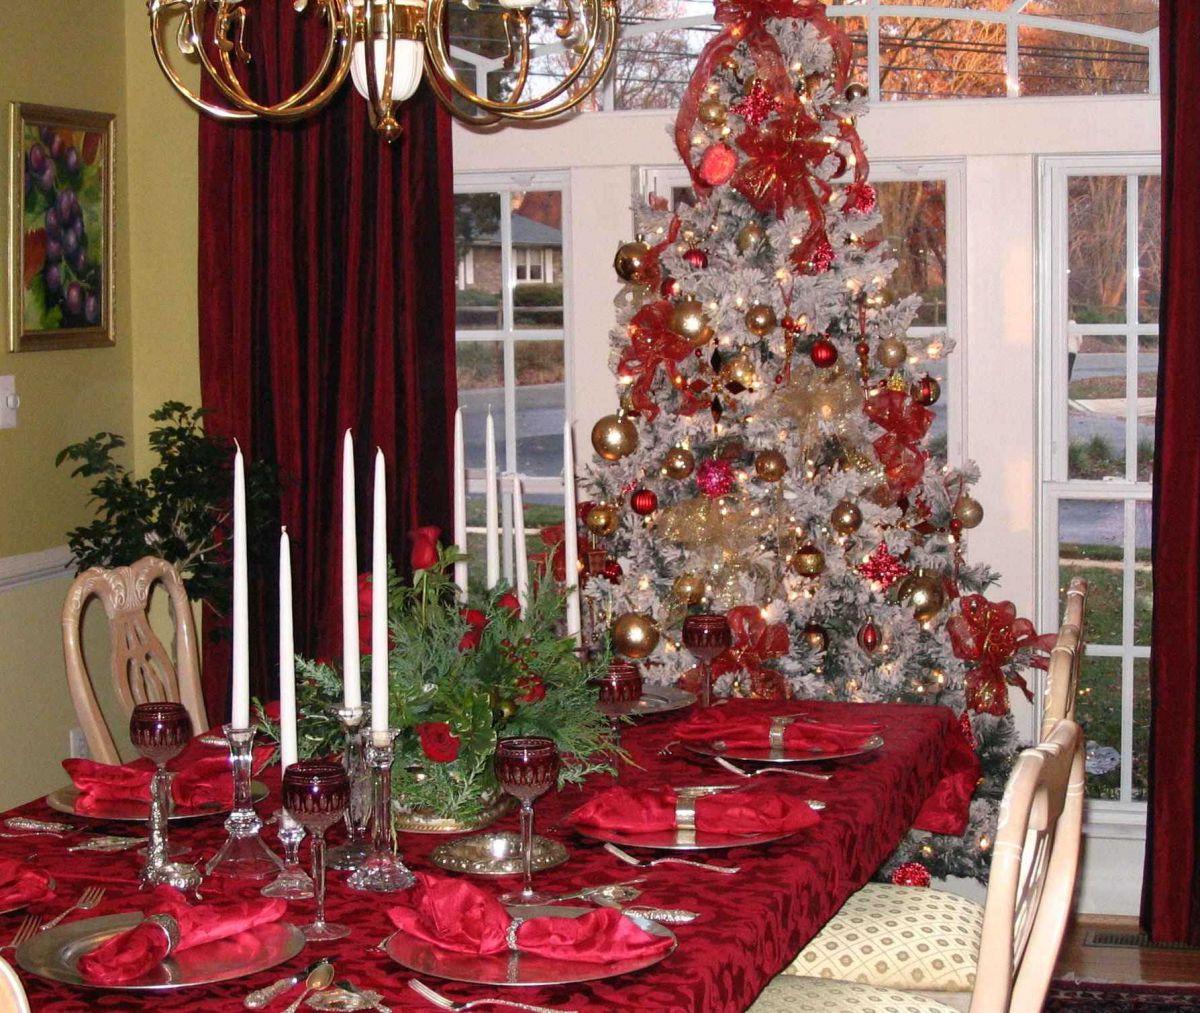 Интерьер с бордовым цветом - праздничный, торжественный, новогодний 4249